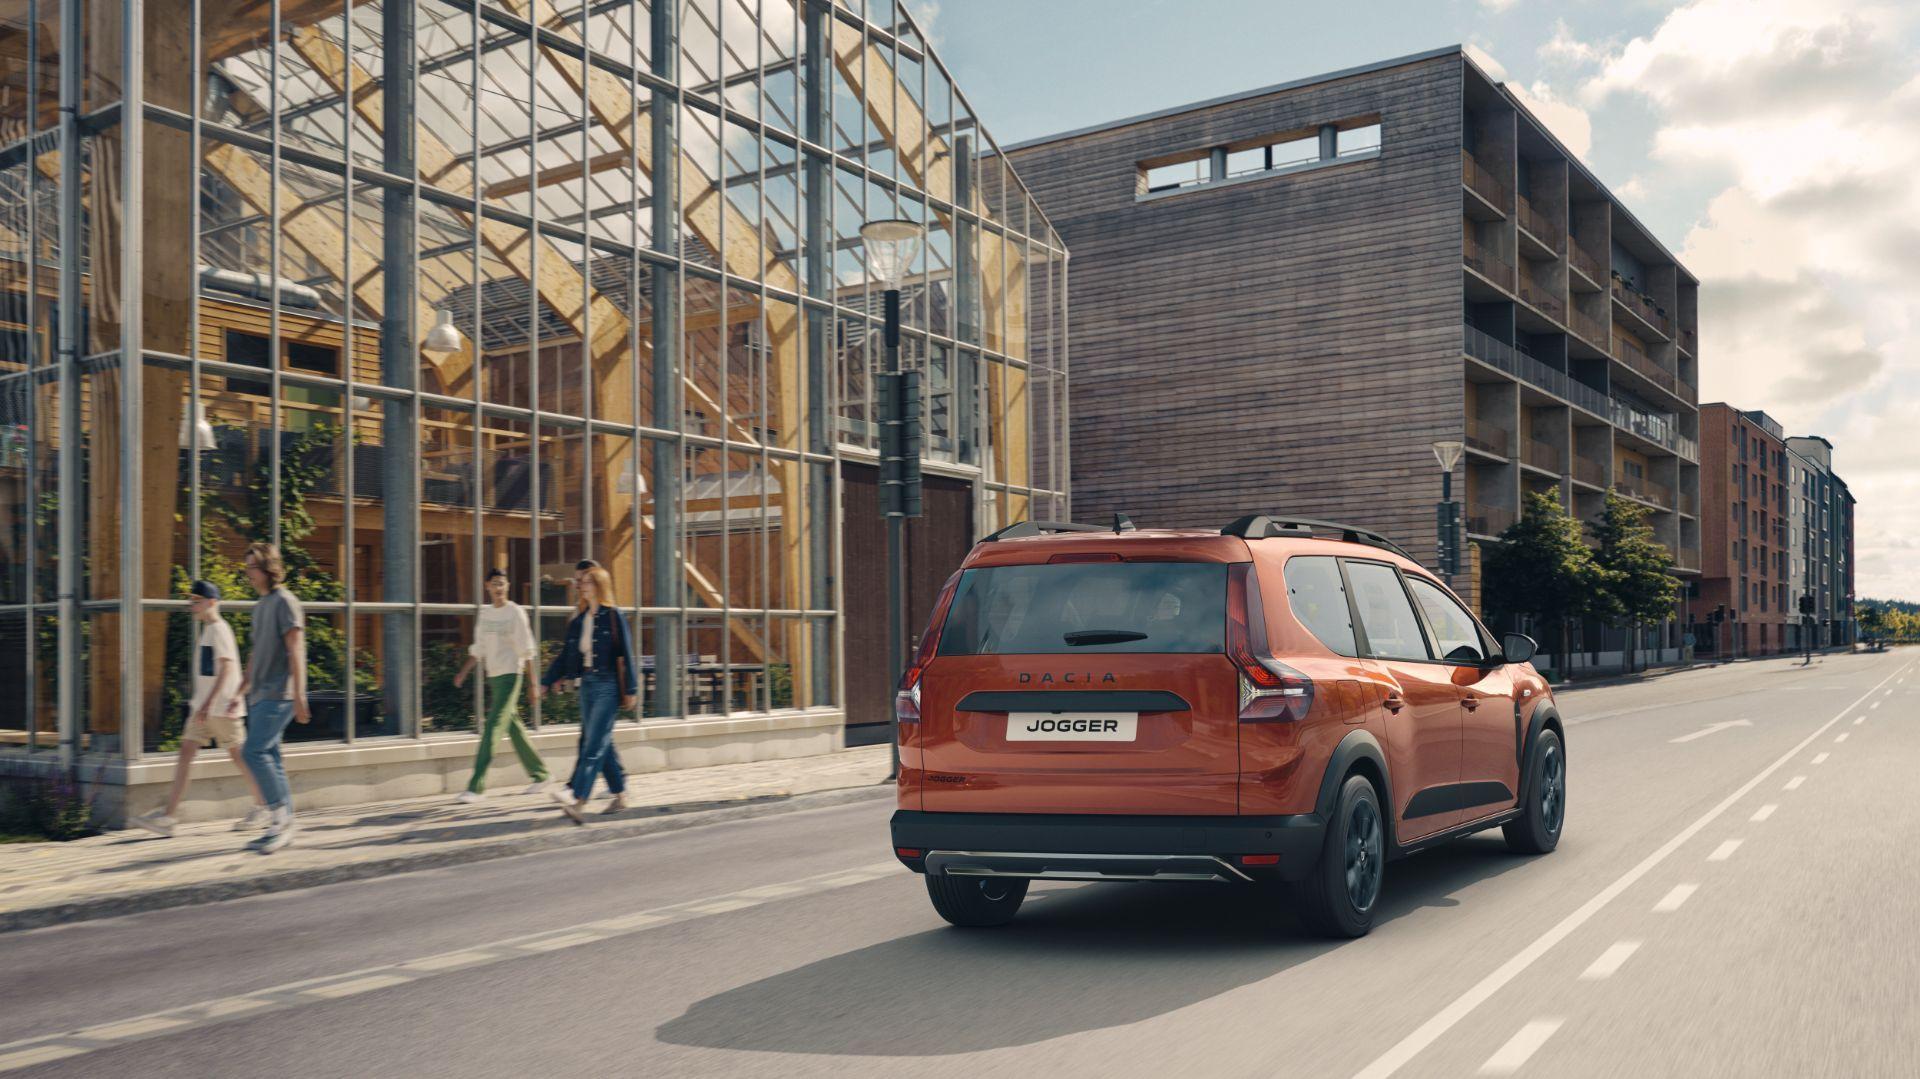 Dacia-Jogger-7